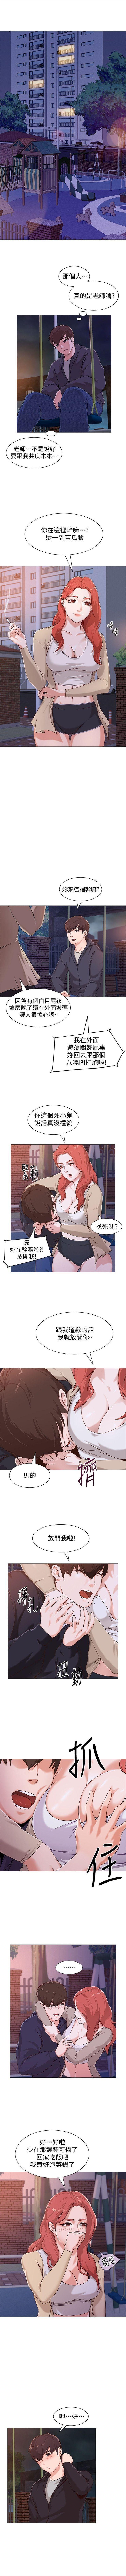 (周3)老师 1-56 中文翻译(更新中) 12